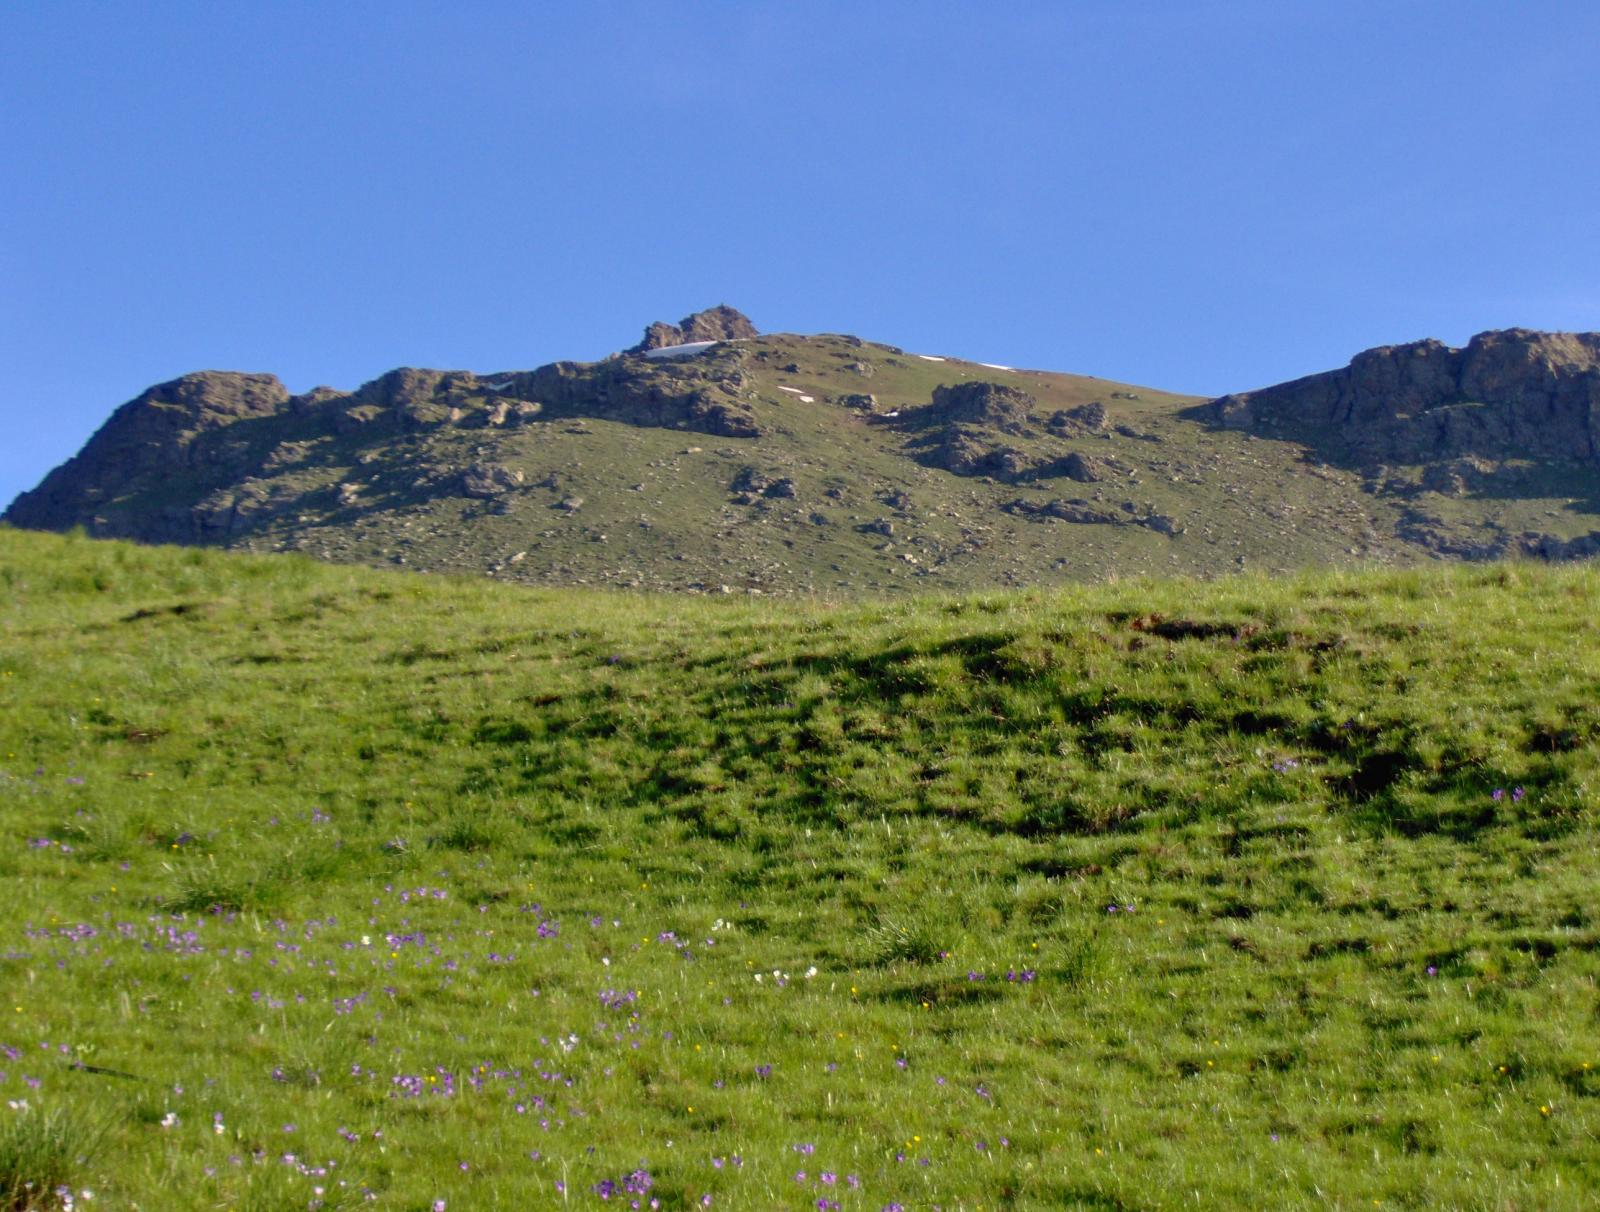 La bella sella erbosa prima delle rocce